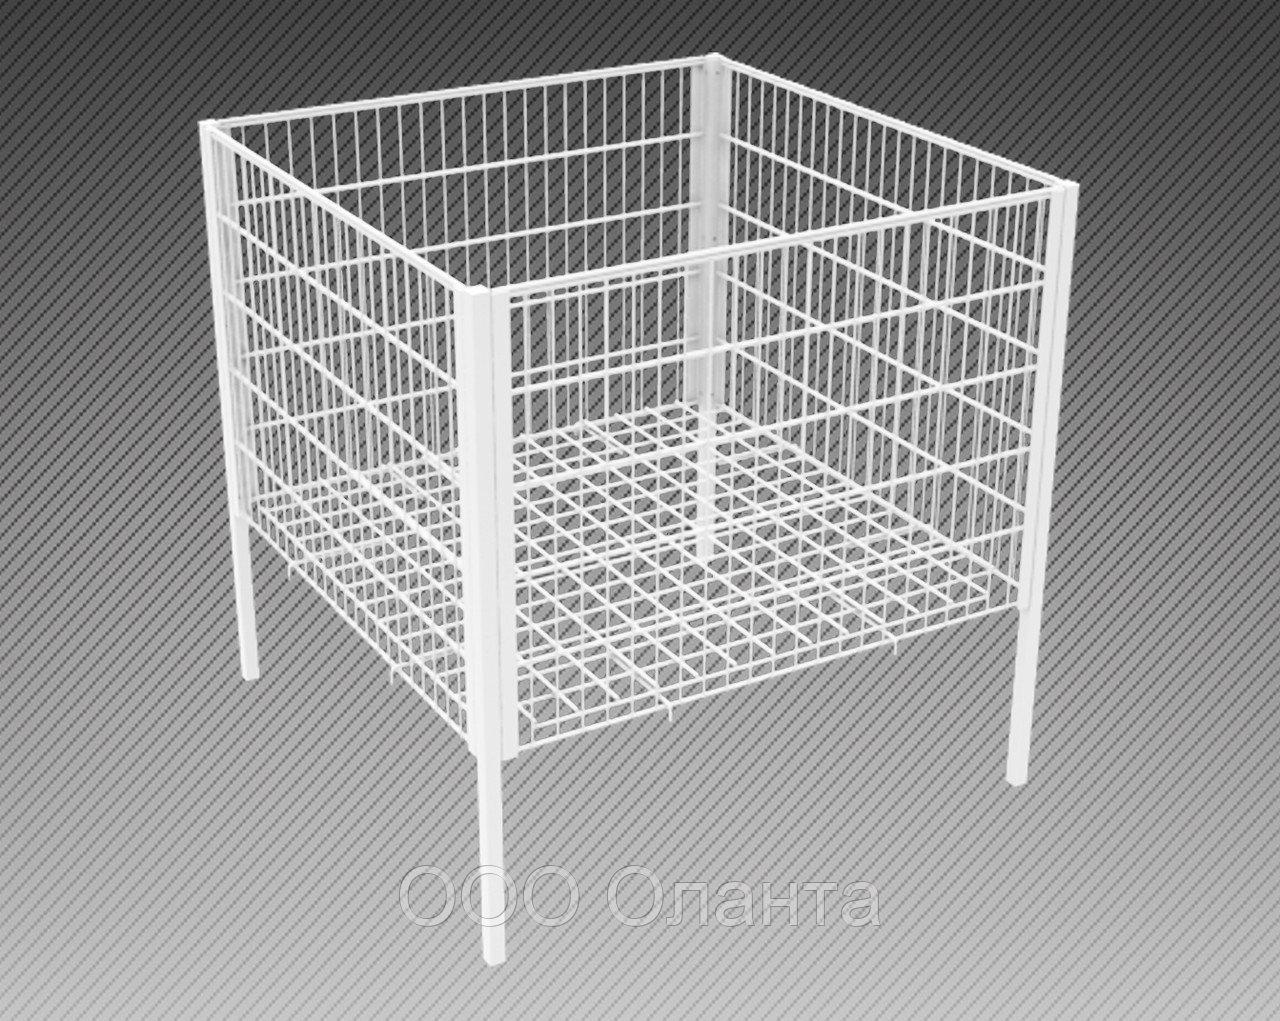 Стол для распродаж-накопитель c регулируемым дном усиленный (750х750х750 мм) крашенный арт. RS75/75/45